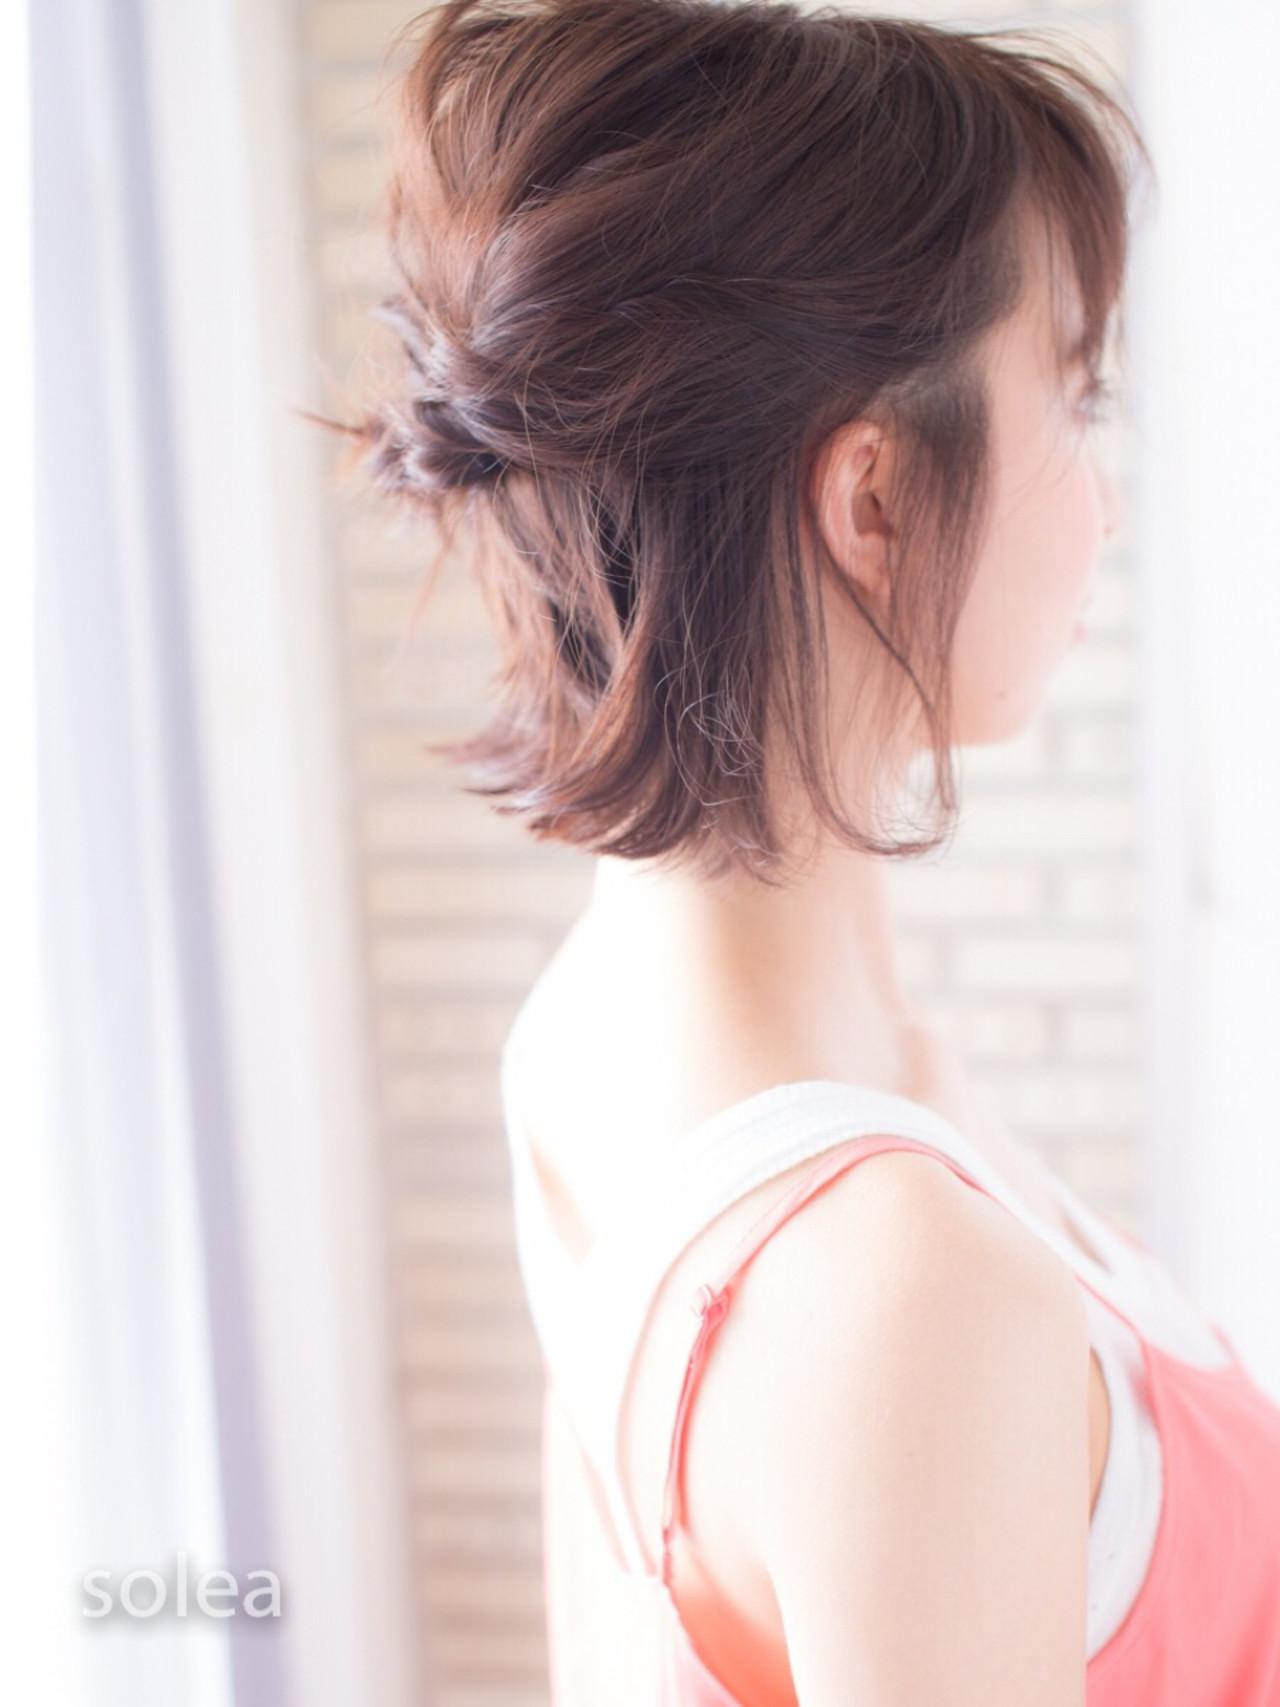 ヘアアレンジ 色気 ボブ ミディアム ヘアスタイルや髪型の写真・画像 | yuuki solea / solea(ソレア)福岡 天神 大名